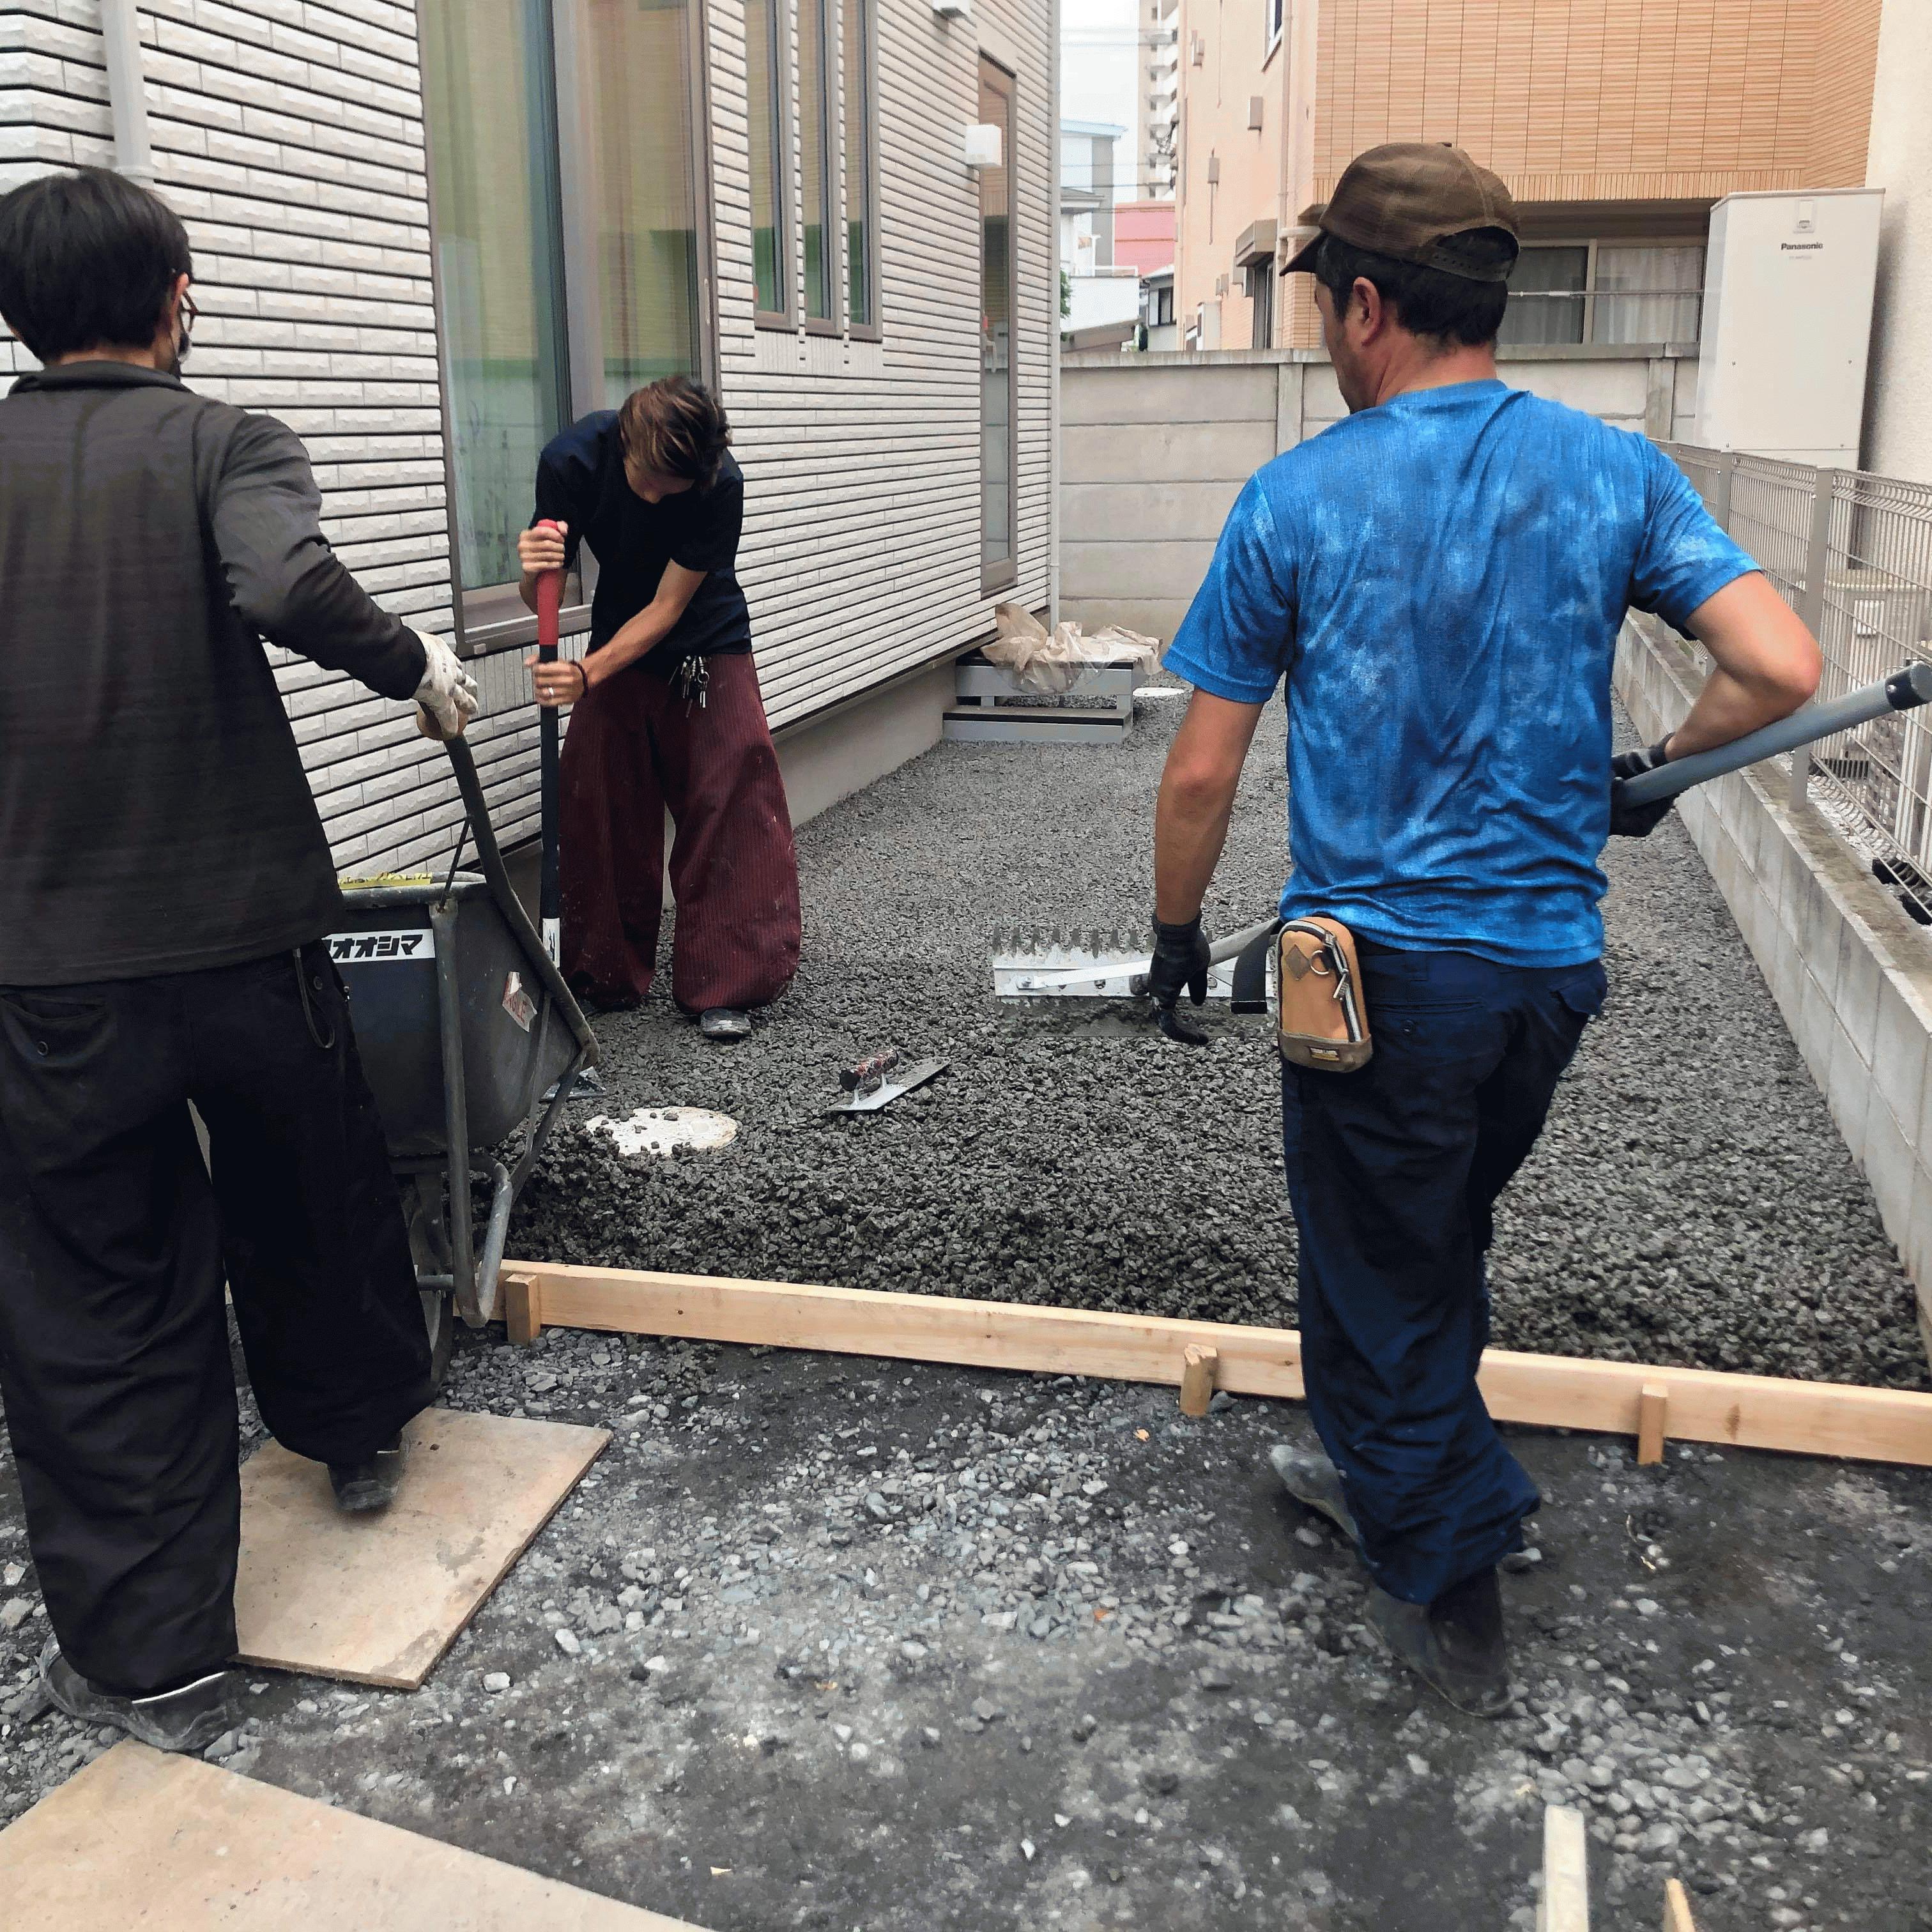 【東京】「勾配なしで施工できるから、シャコタン愛好者には受ける」「シャコタン車はスロープが大嫌い」都屋建材・エクステリア オオシマ